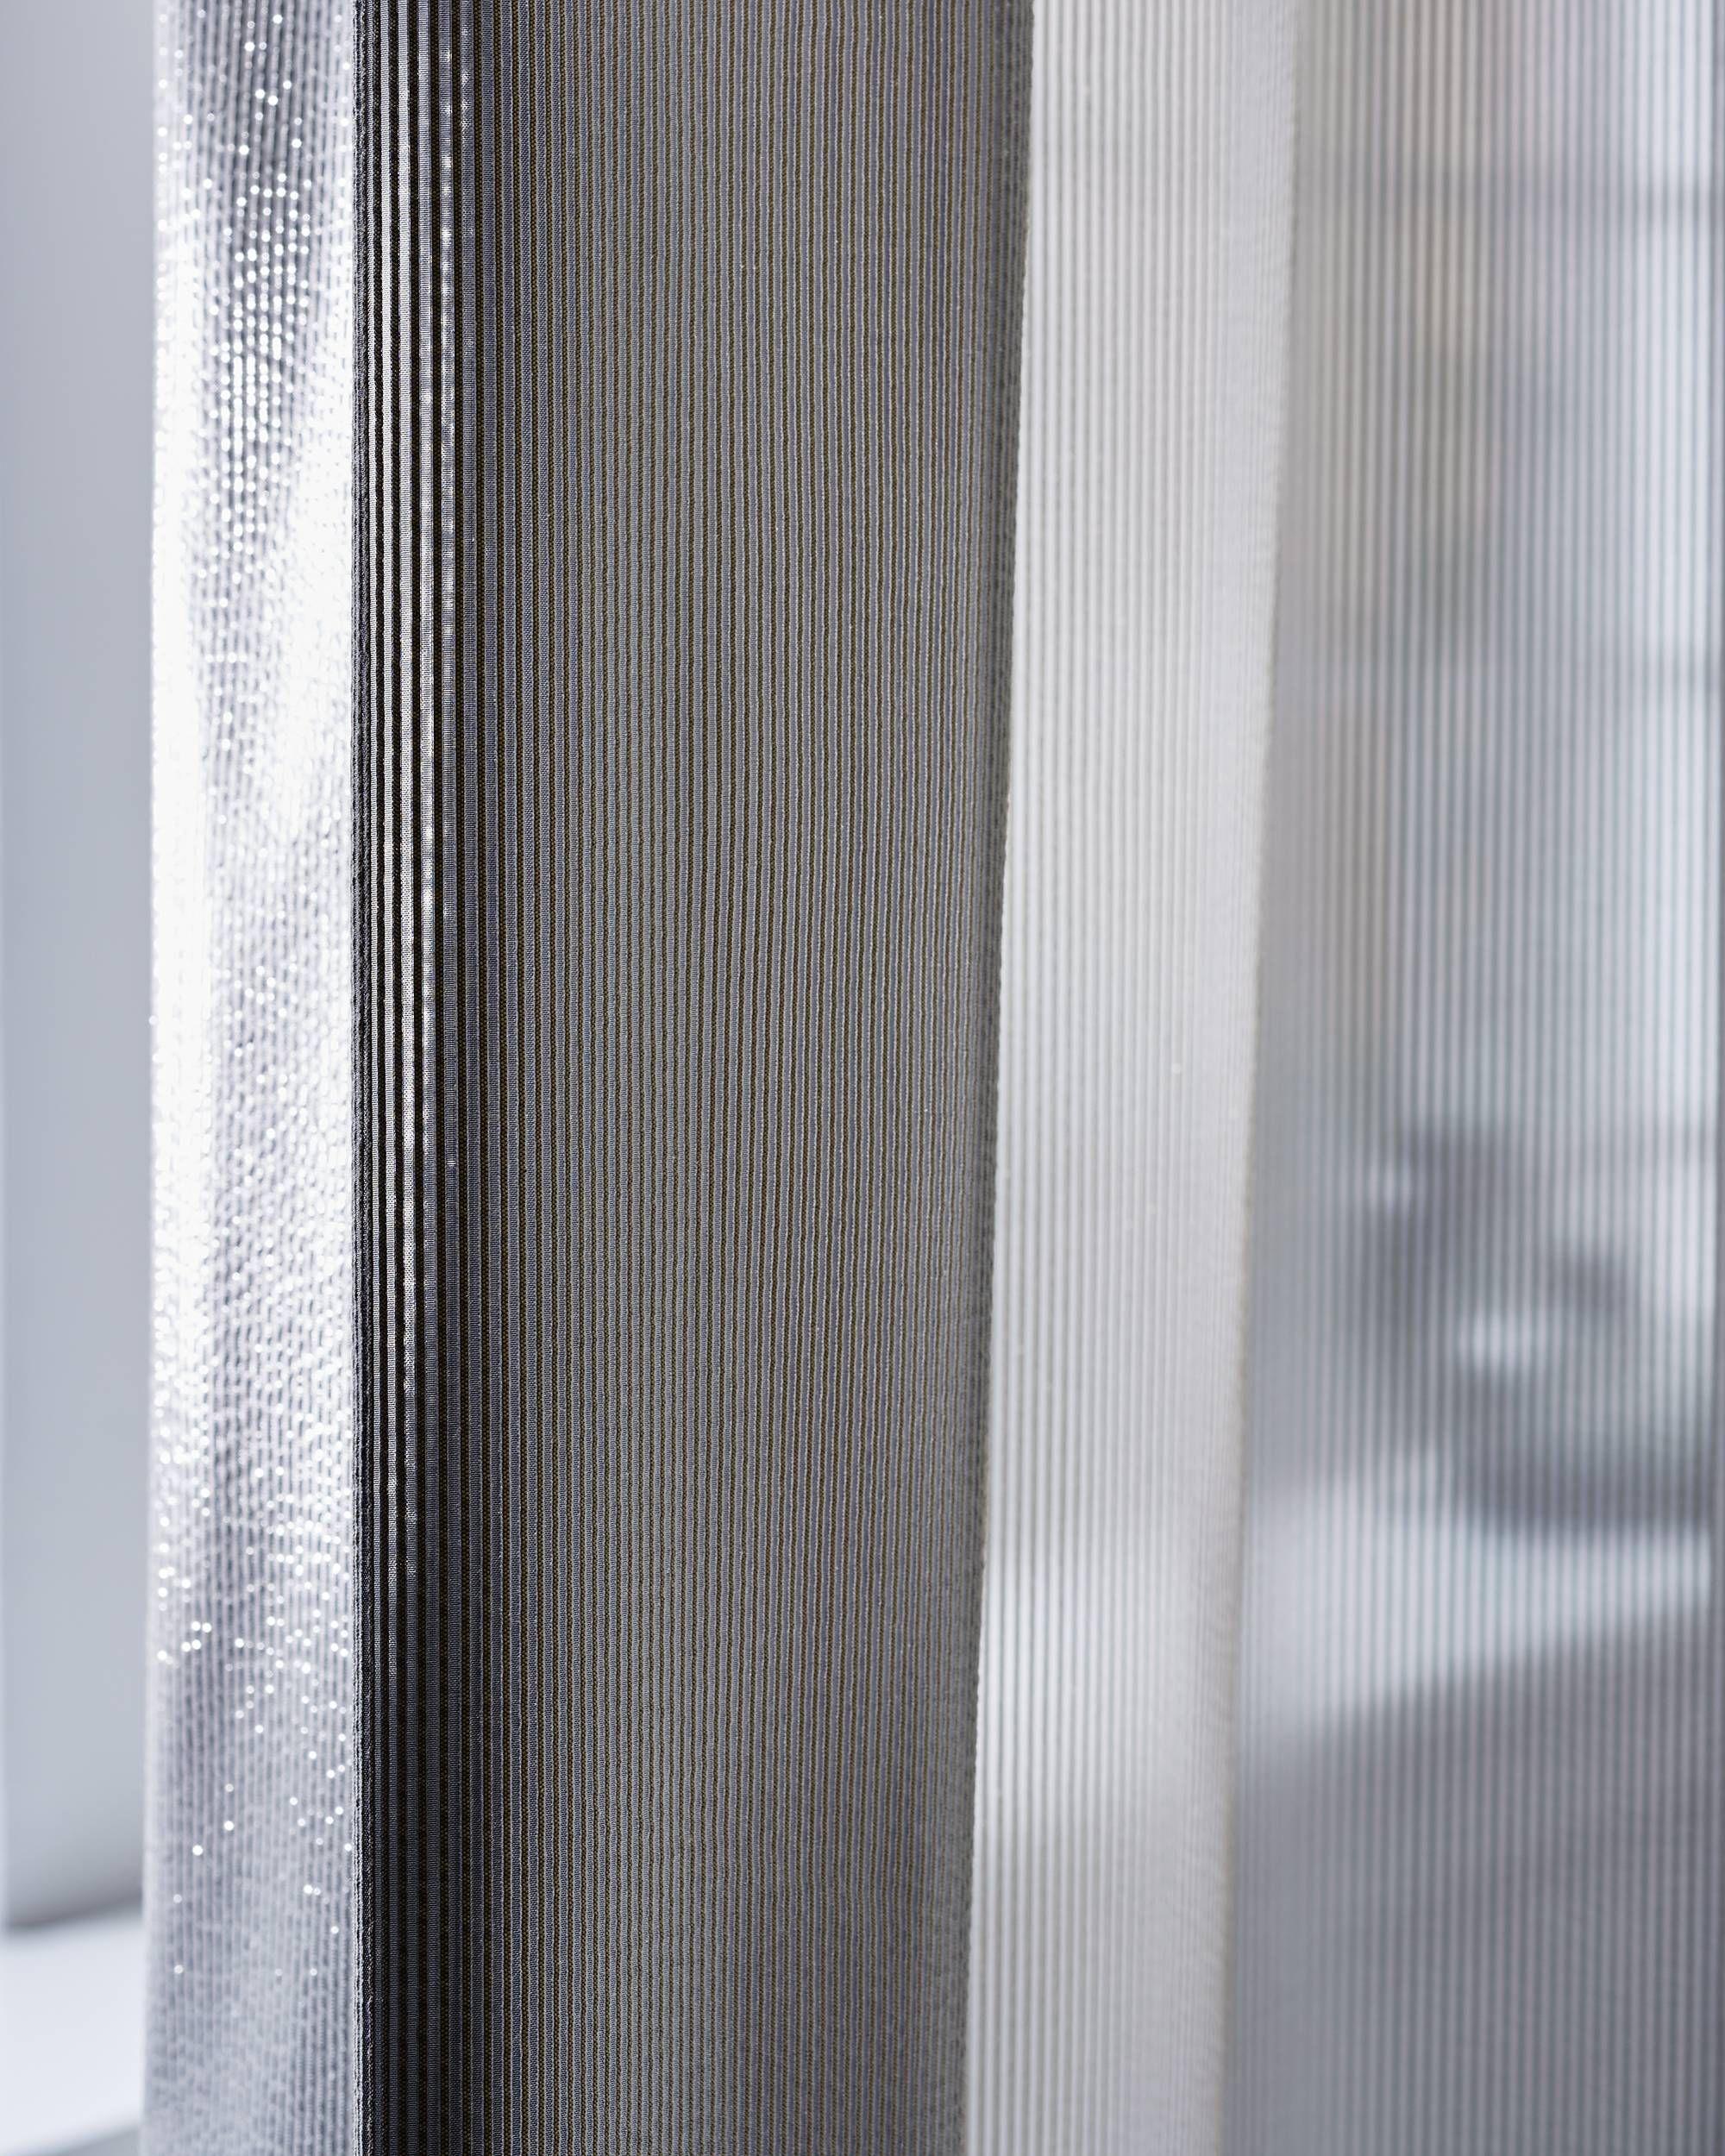 Vorhang Schallabsorbierend reflectacoustic by création baumann blendschutz wärmeschutz